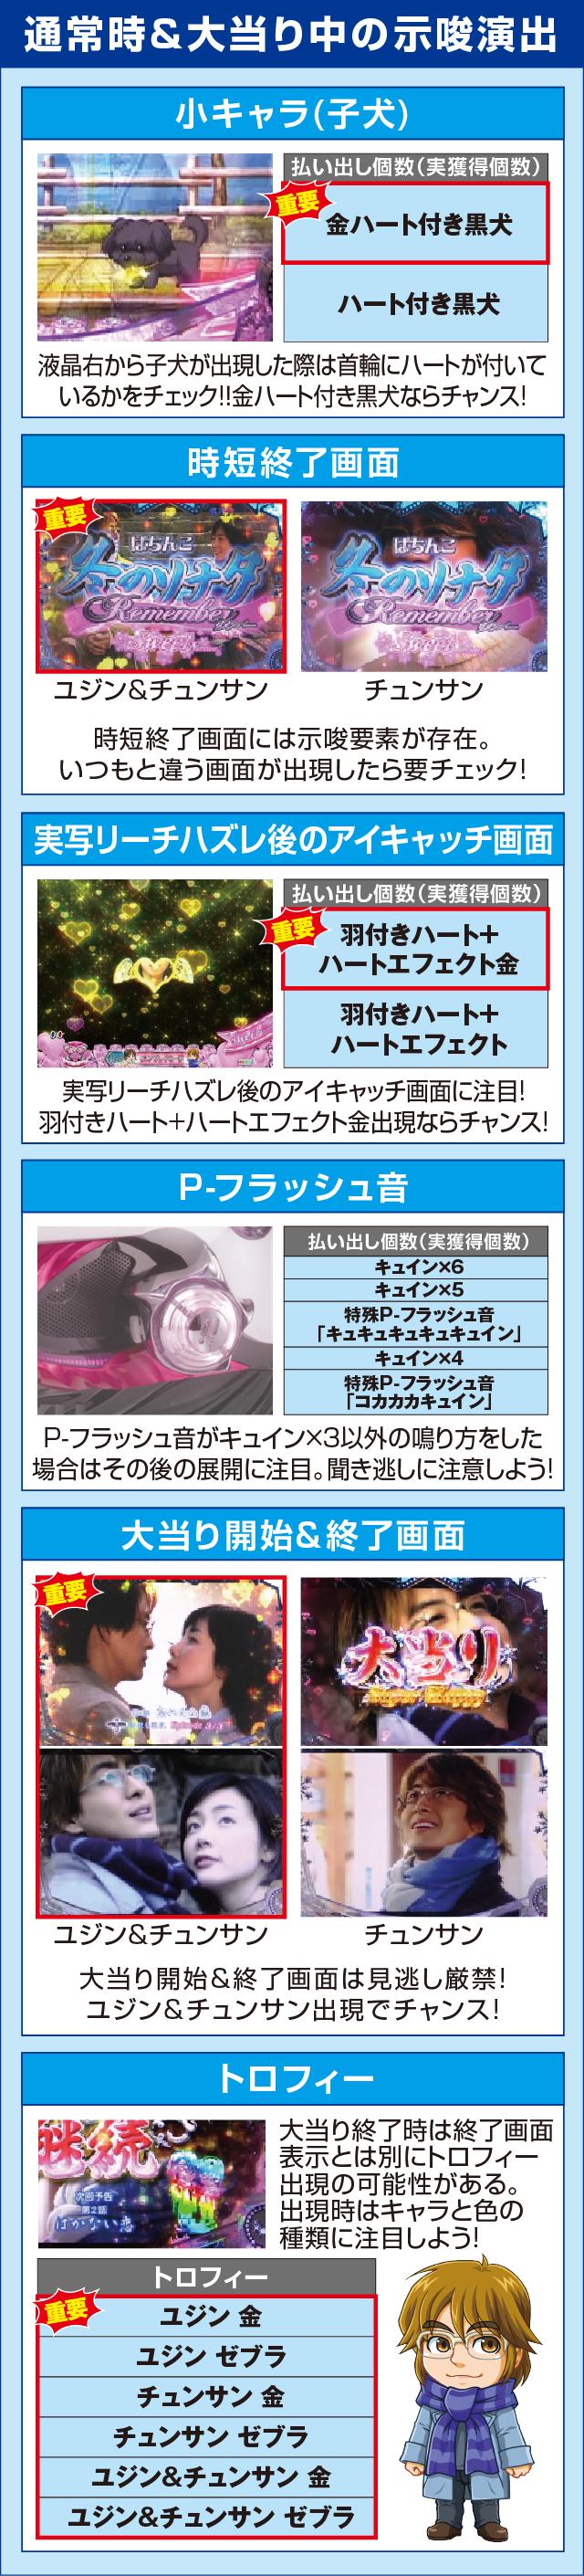 ぱちんこ 冬のソナタRemember Sweet Versionの確定演出